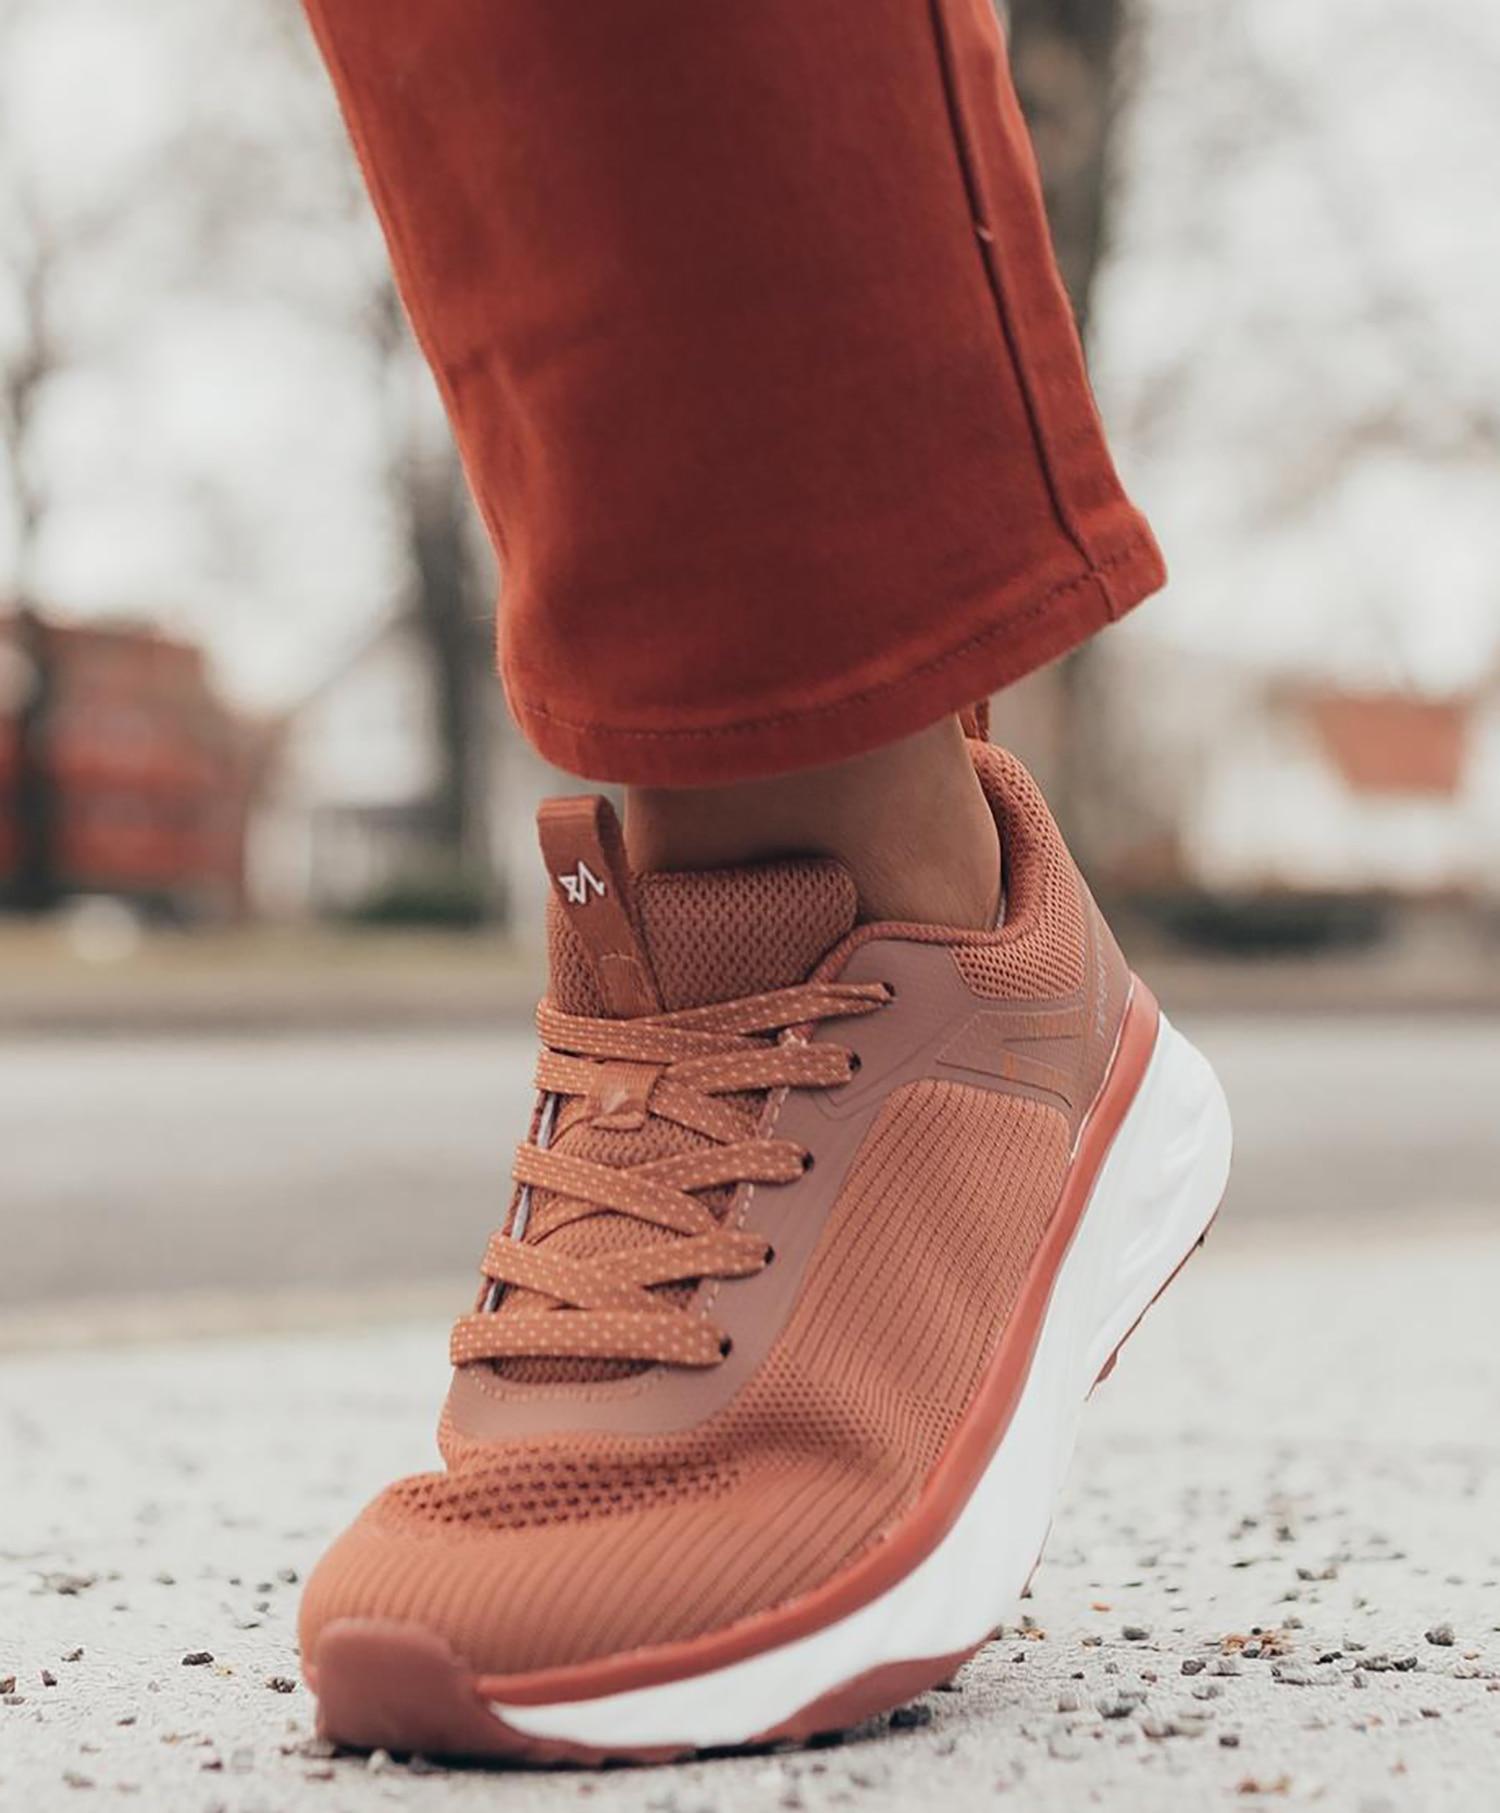 Twentyfour Sneaker